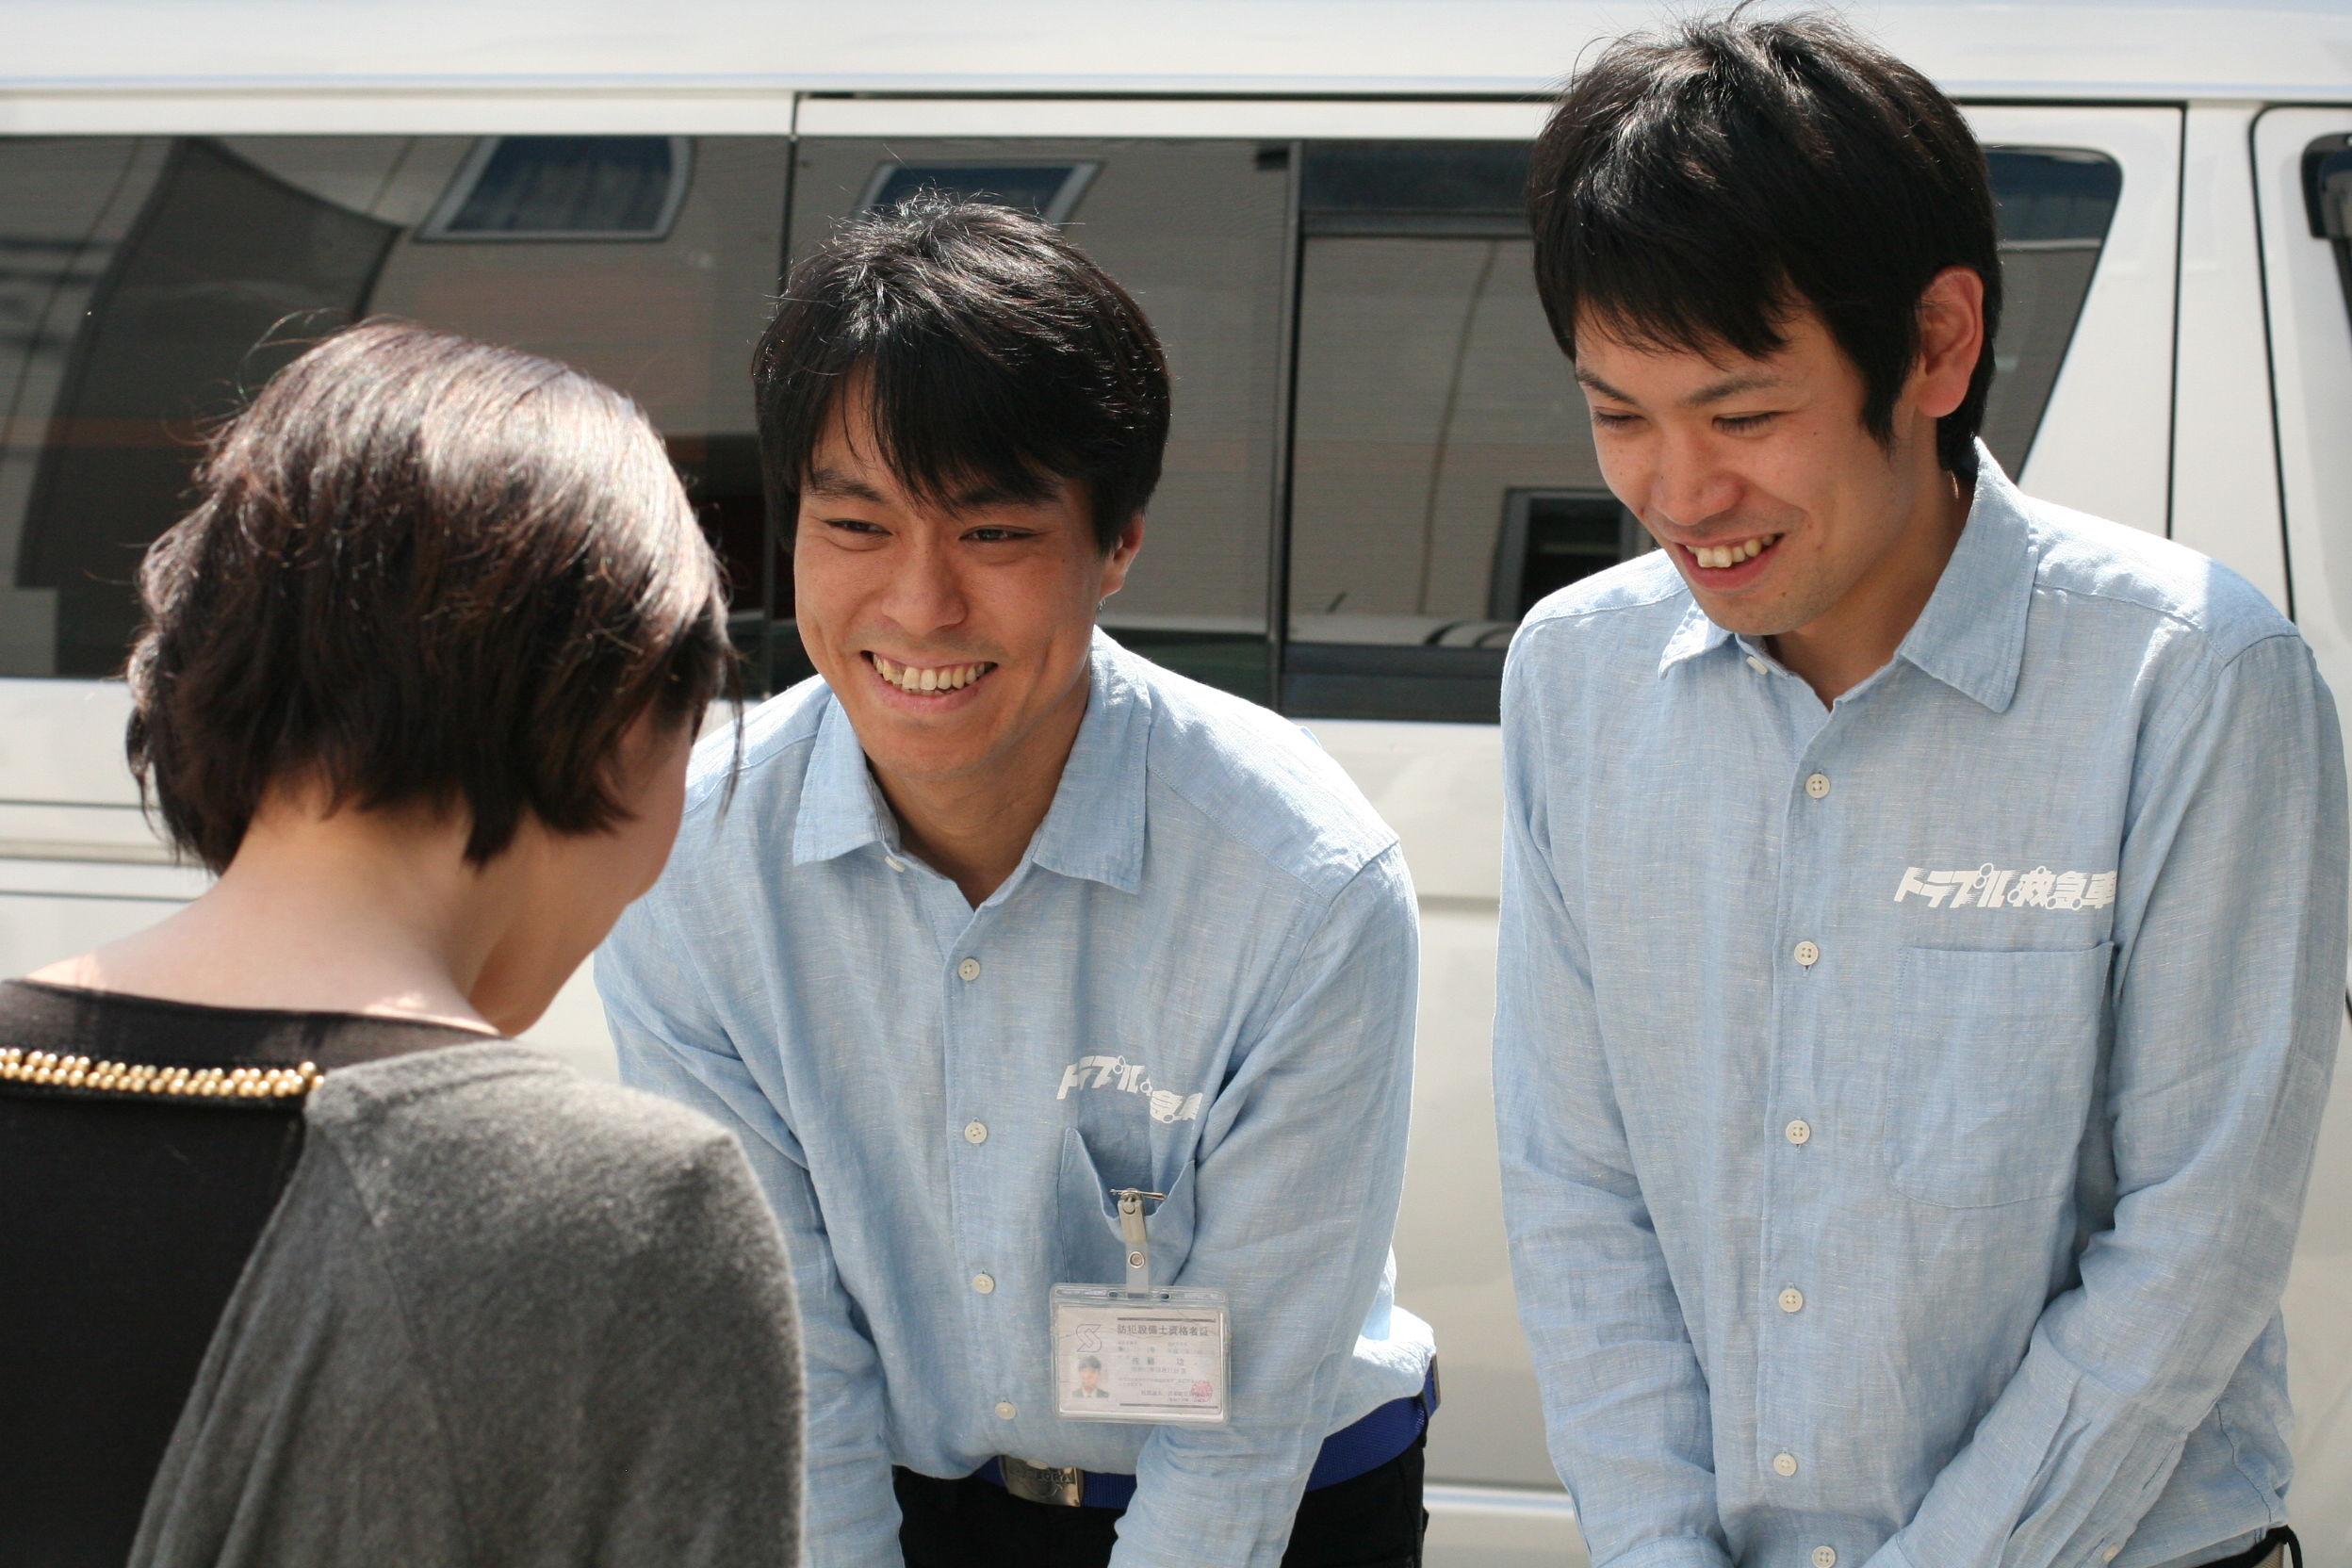 カギのトラブル救急車【岡山市北区 出張エリア】のアピールポイント1